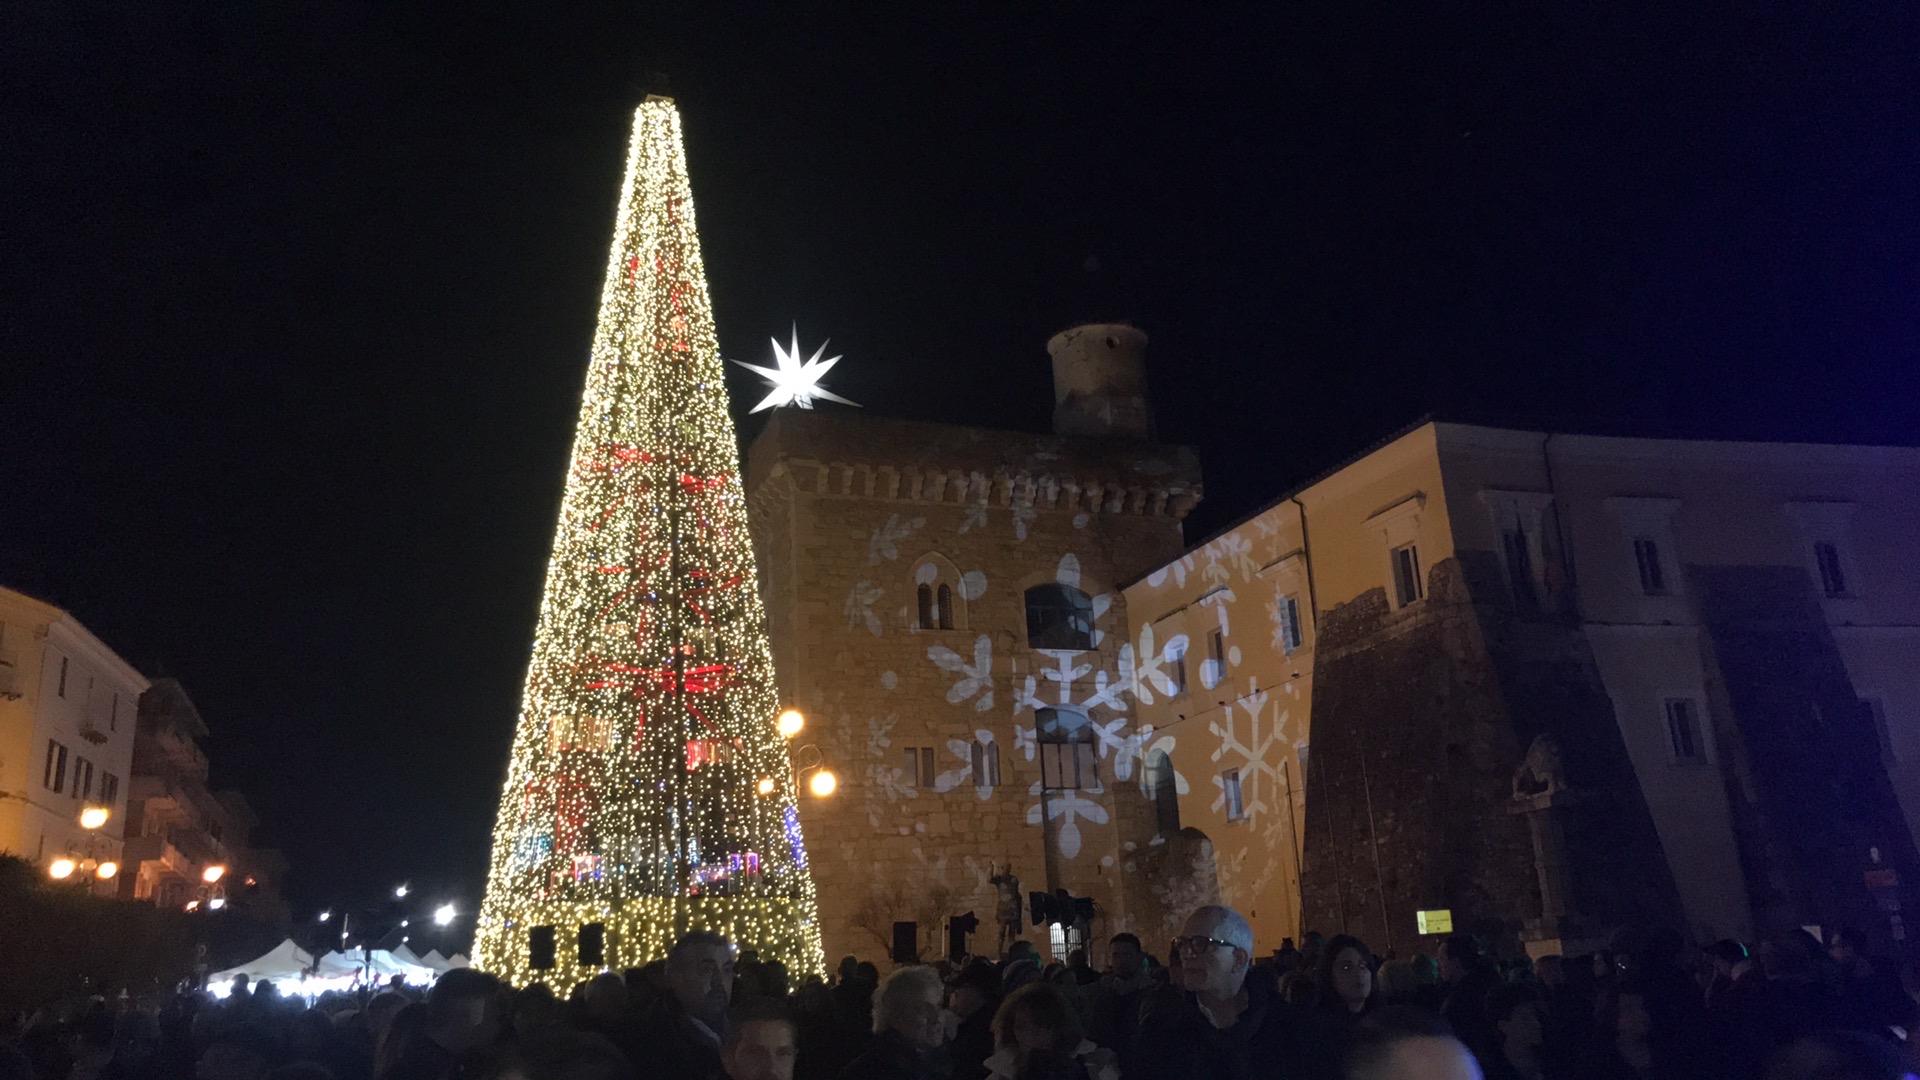 Benevento  Potere al Popolo: chiediamo al comune  e a tutti i centri della provincia di indirizzare le risorse economiche previste per le luminarie di Natale a finalità sociali